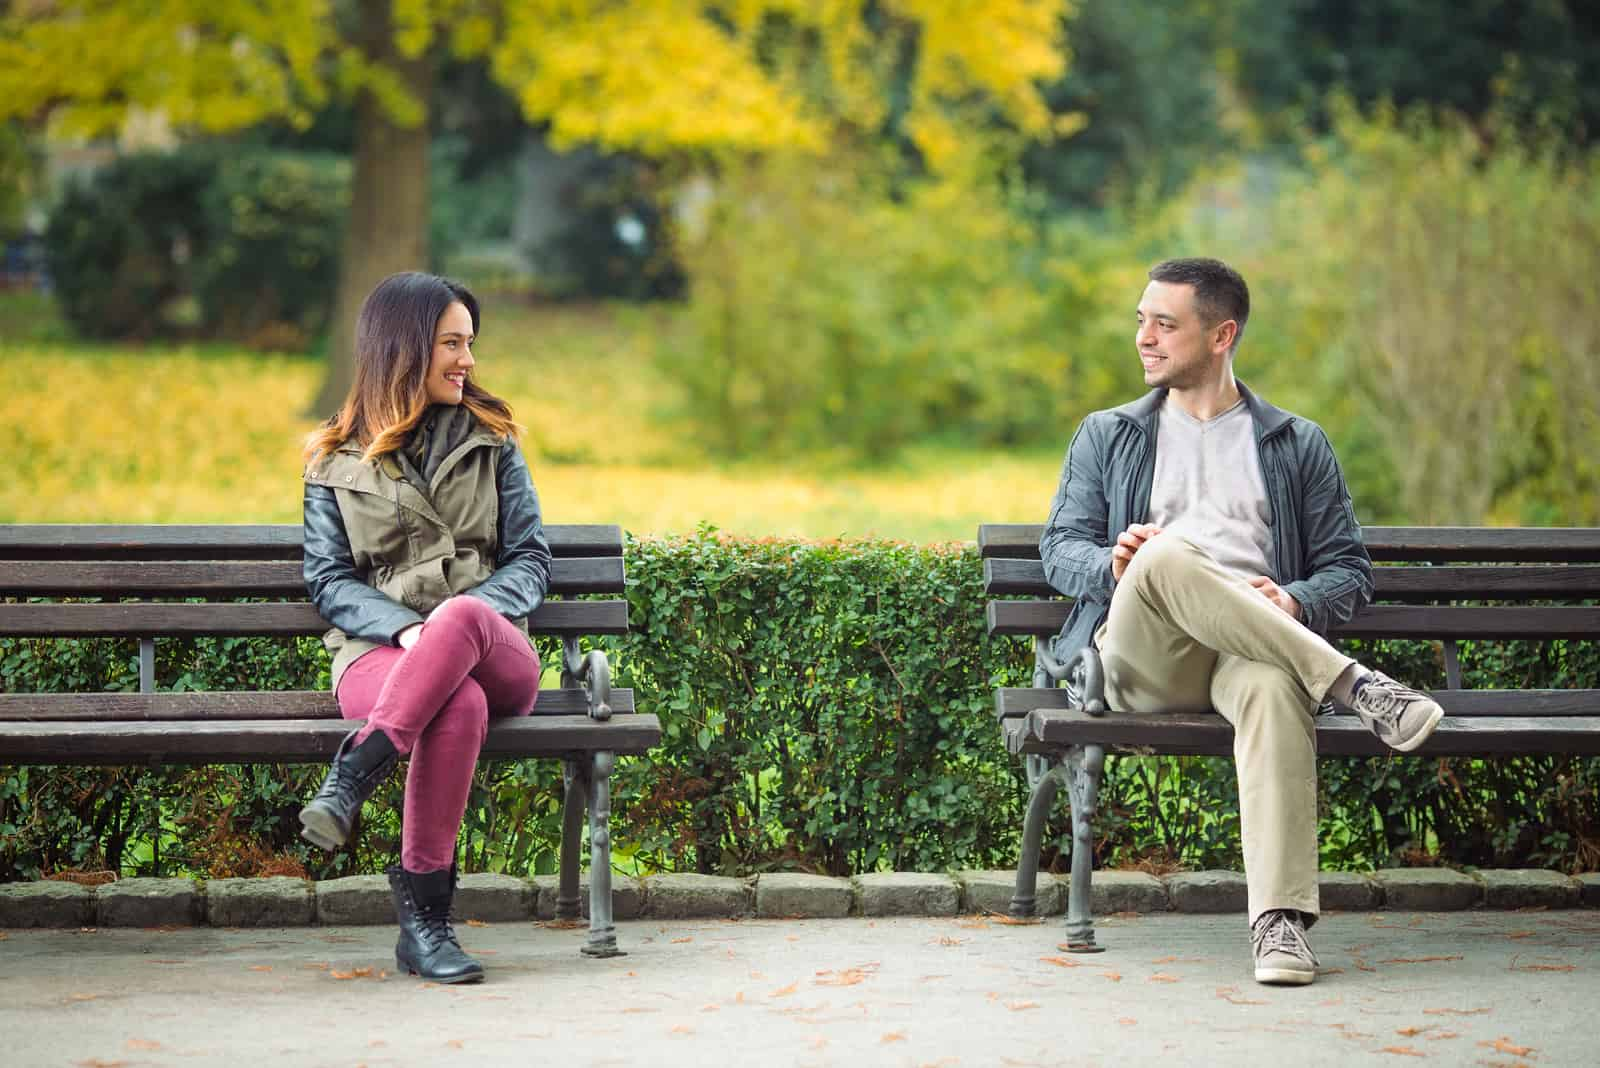 Un homme et une femme se contactent en s'asseyant sur un banc.